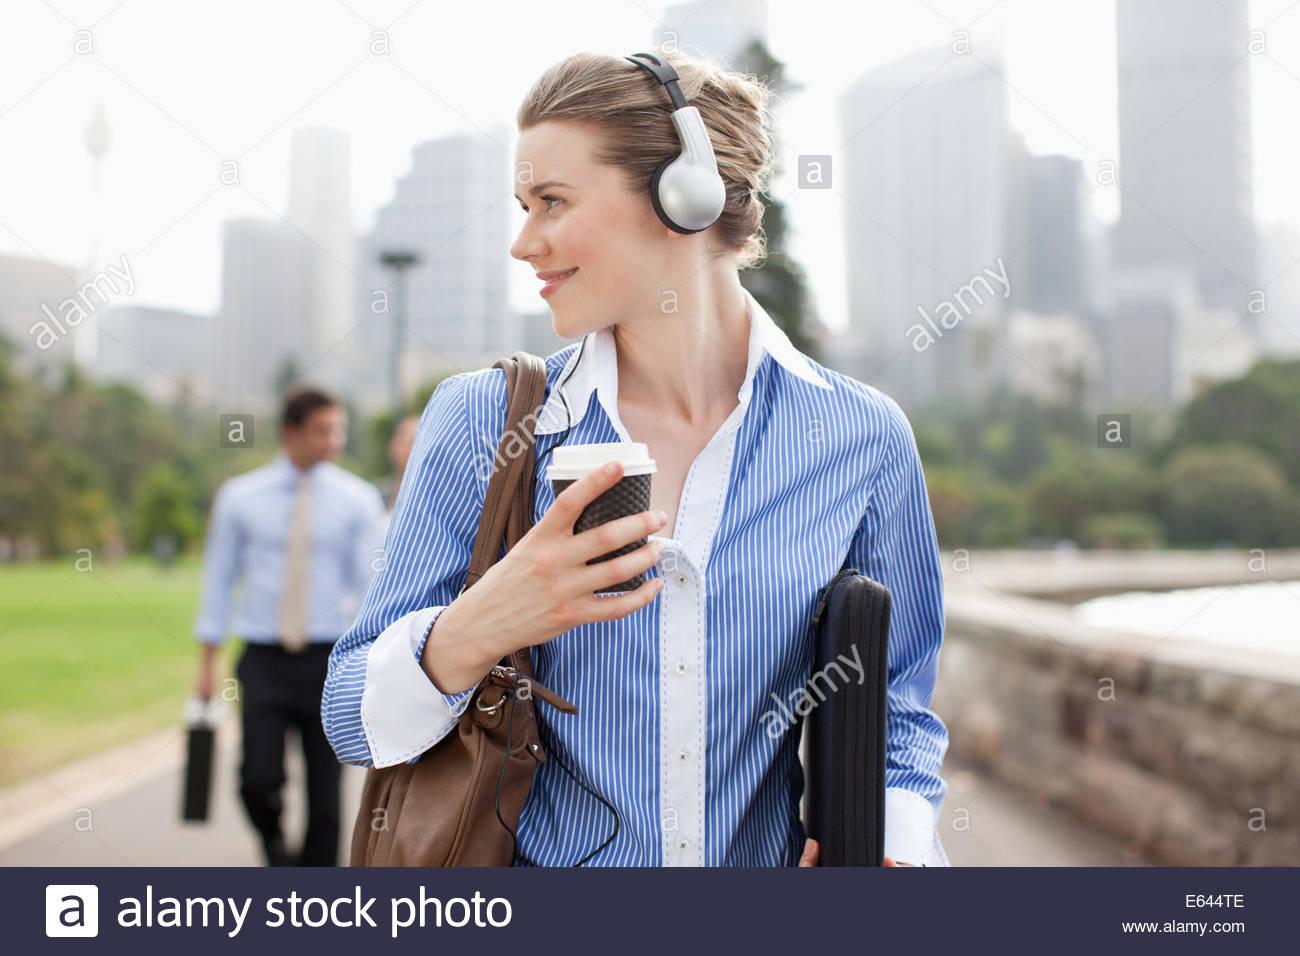 Businesswoman listening to headphones et transporter le café Photo Stock